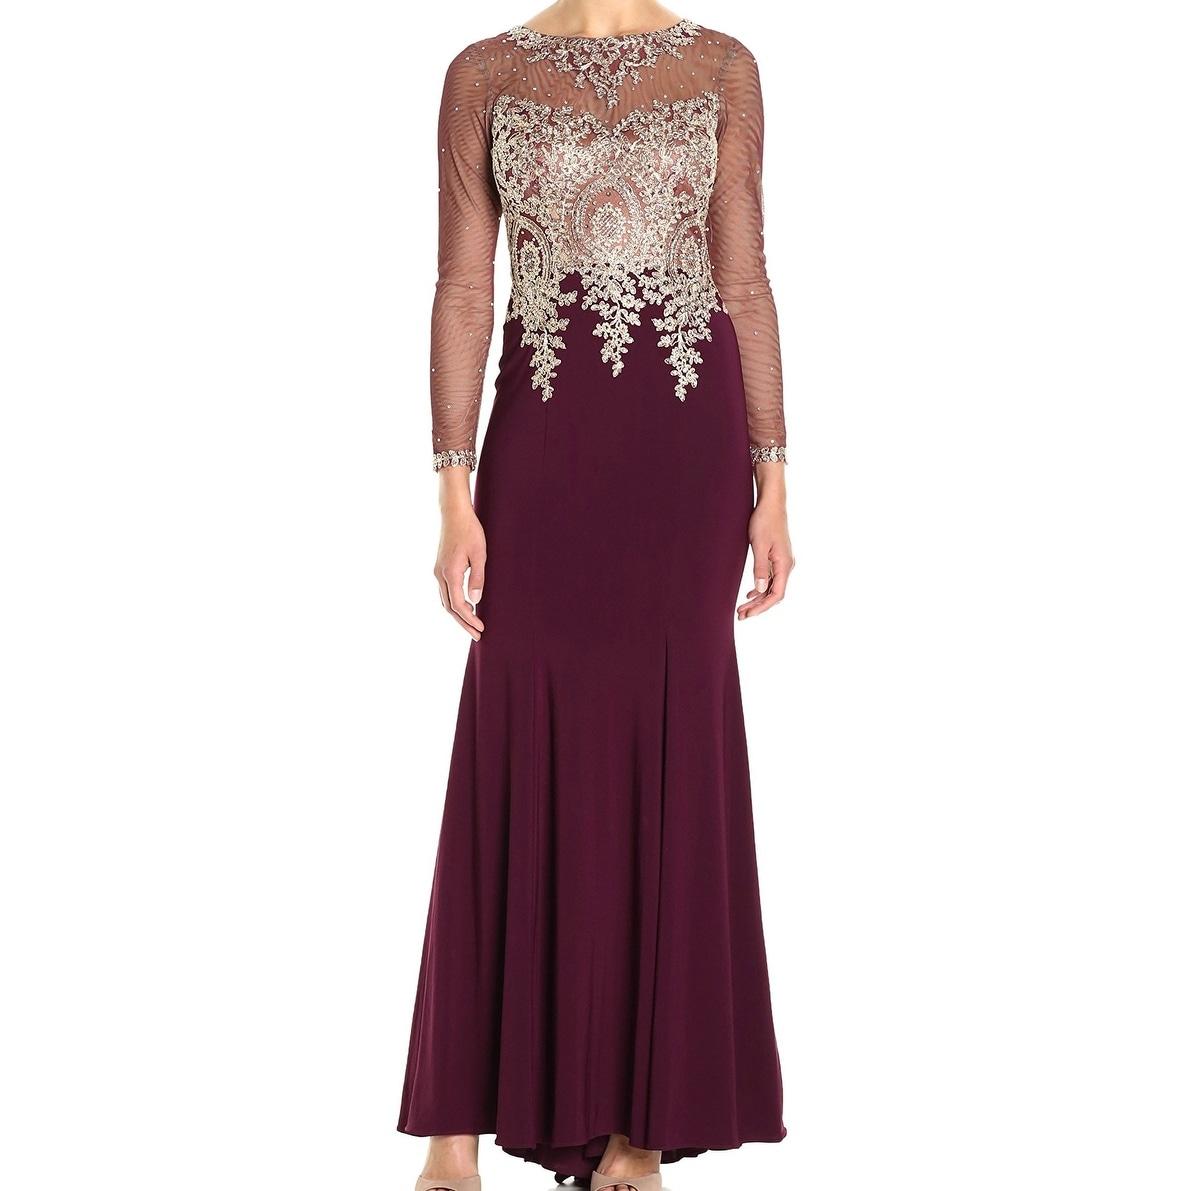 fe8e1ced9f4 Xscape Dresses